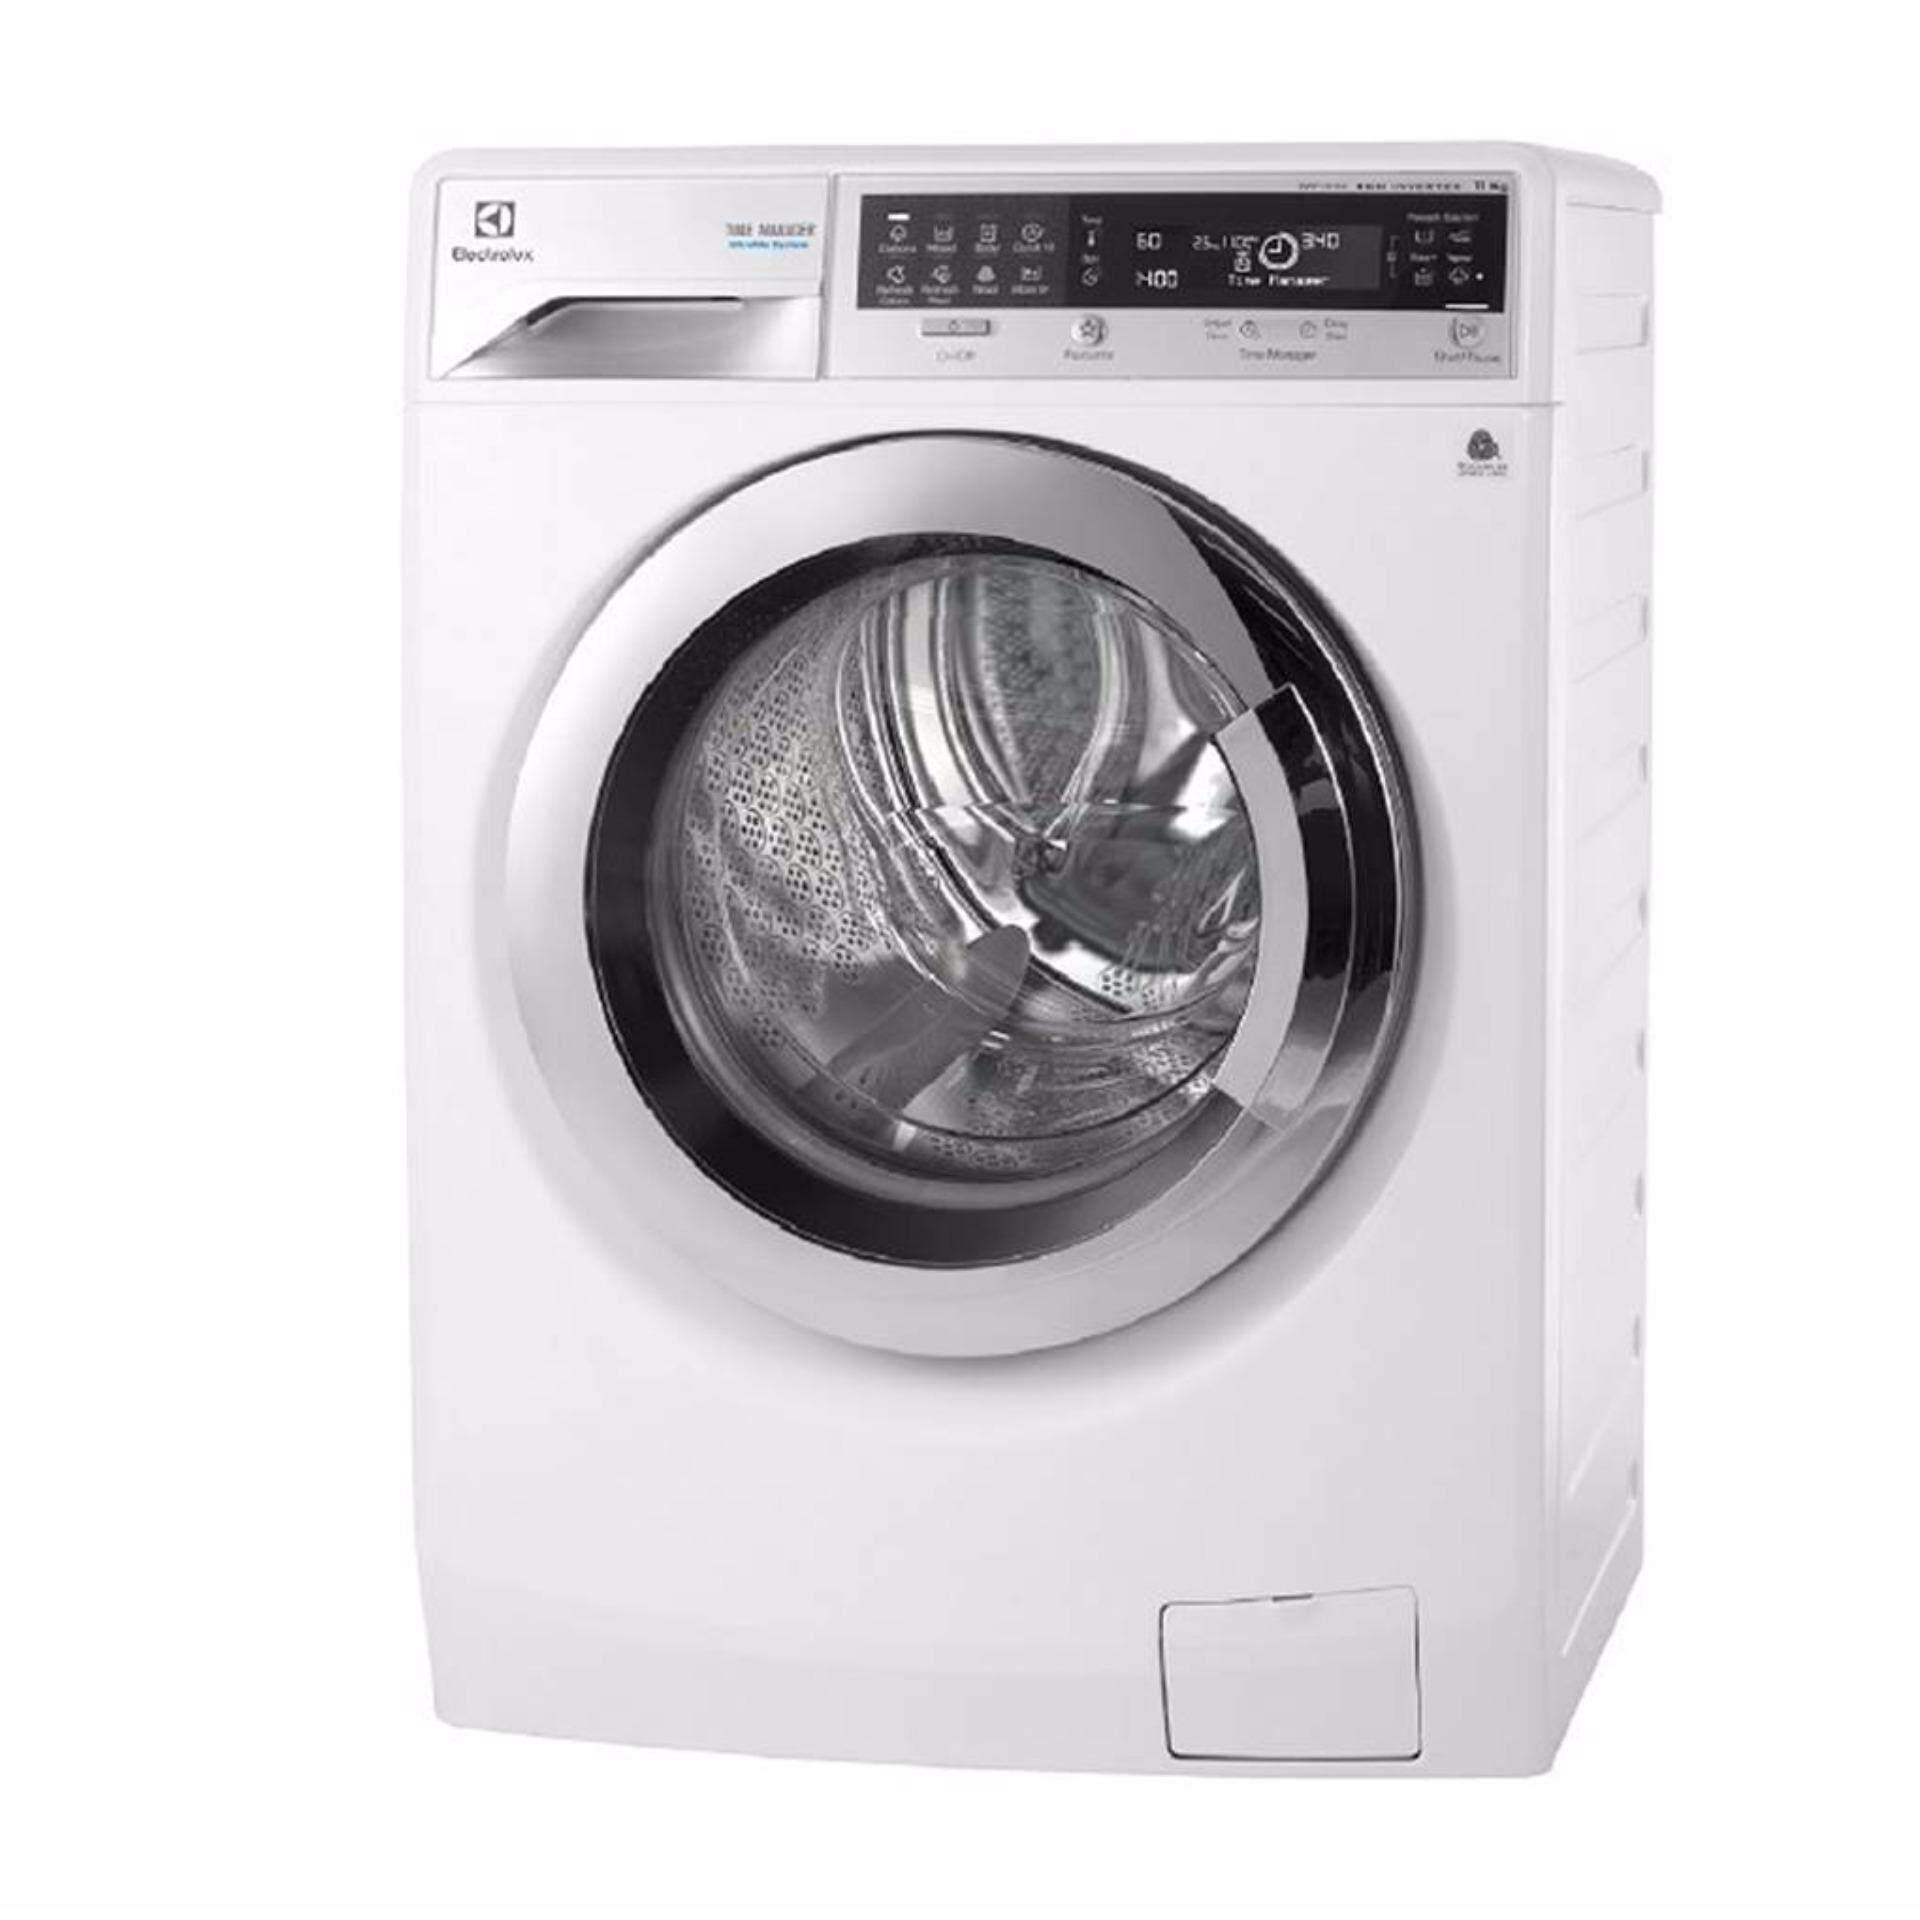 ดีจริง ถูกจริง เครื่องซักผ้า Electrolux Sale -60% Electrolux เครื่องซักผ้าและเครื่องอบผ้าในตัว ความจุ 8 กก. รุ่น เคลมสินค้าได้